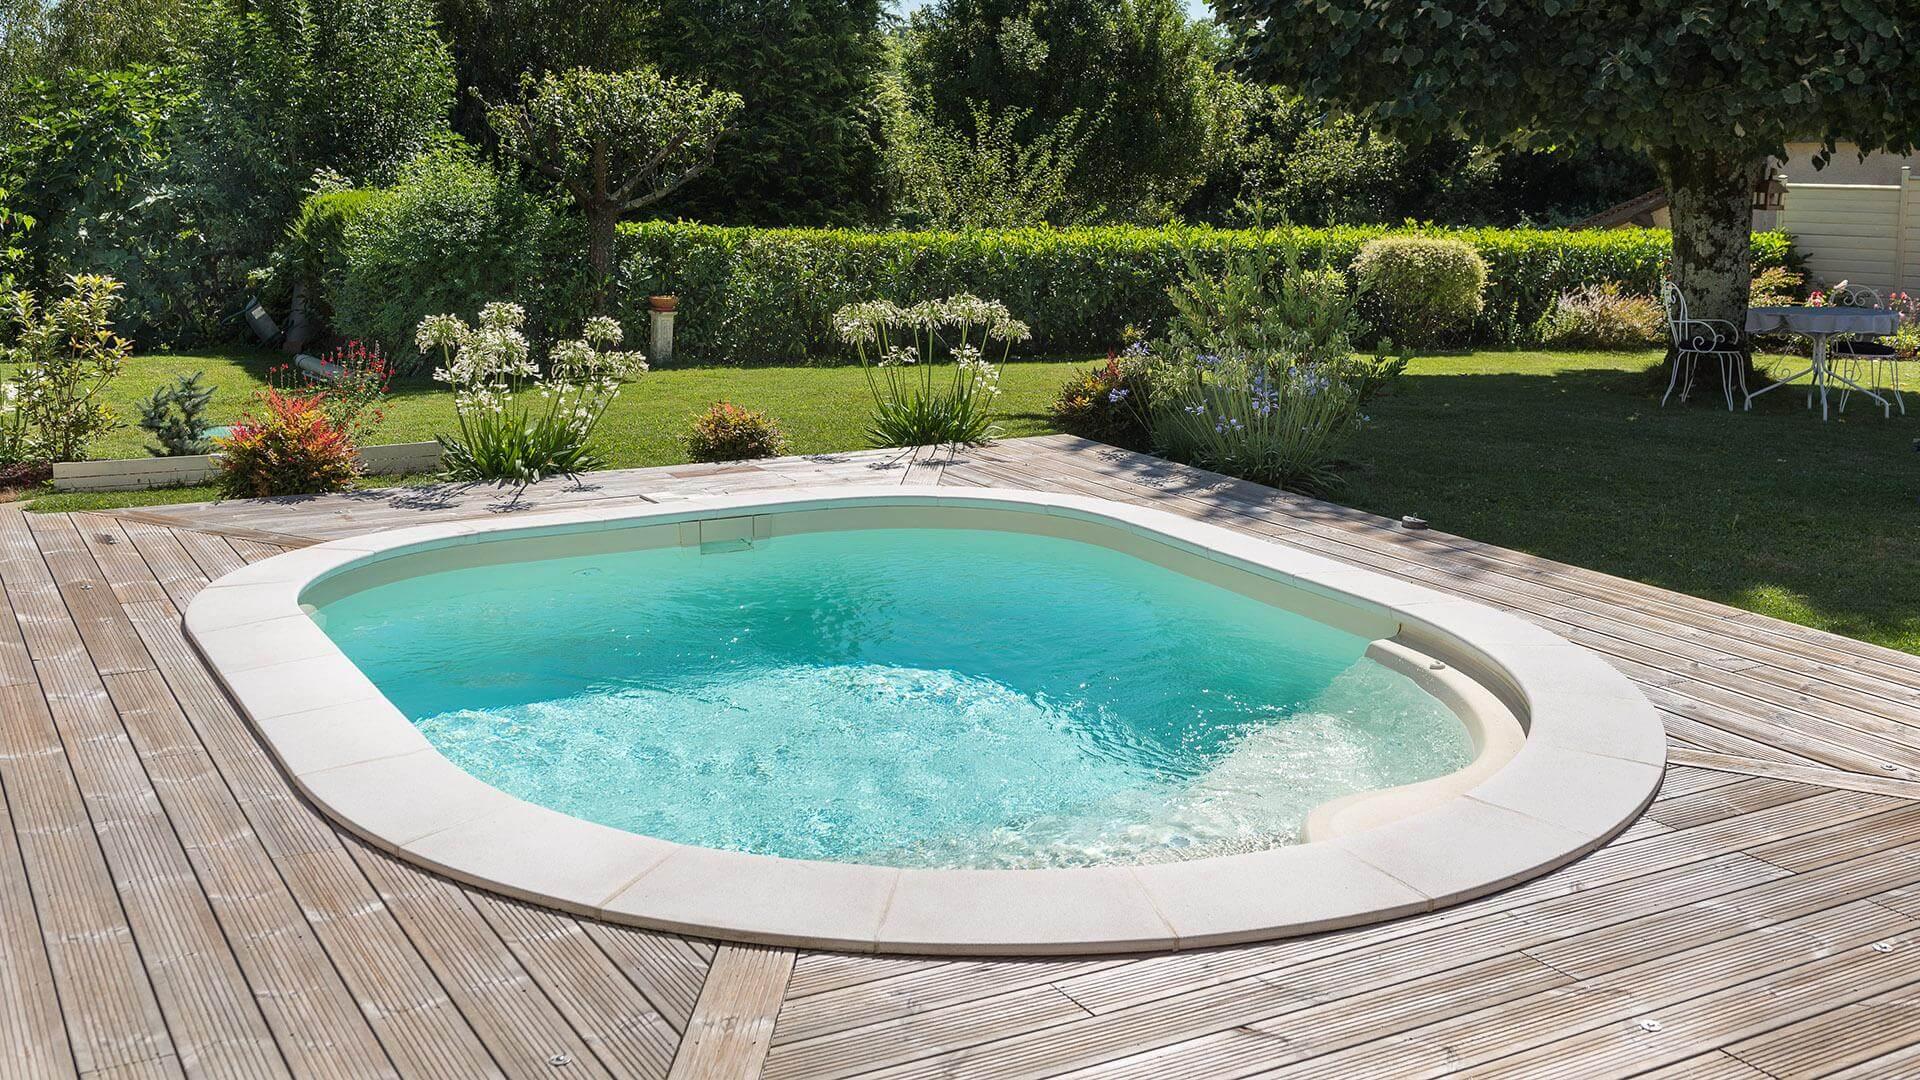 Full Size of Mini Pool Garten Lola Der Kleine Fr Jedermann Rattanmöbel Sauna Bewässerung Sitzgruppe Sichtschutz Wpc Wohnen Und Abo Sonnensegel Guenstig Kaufen Trennwände Garten Mini Pool Garten